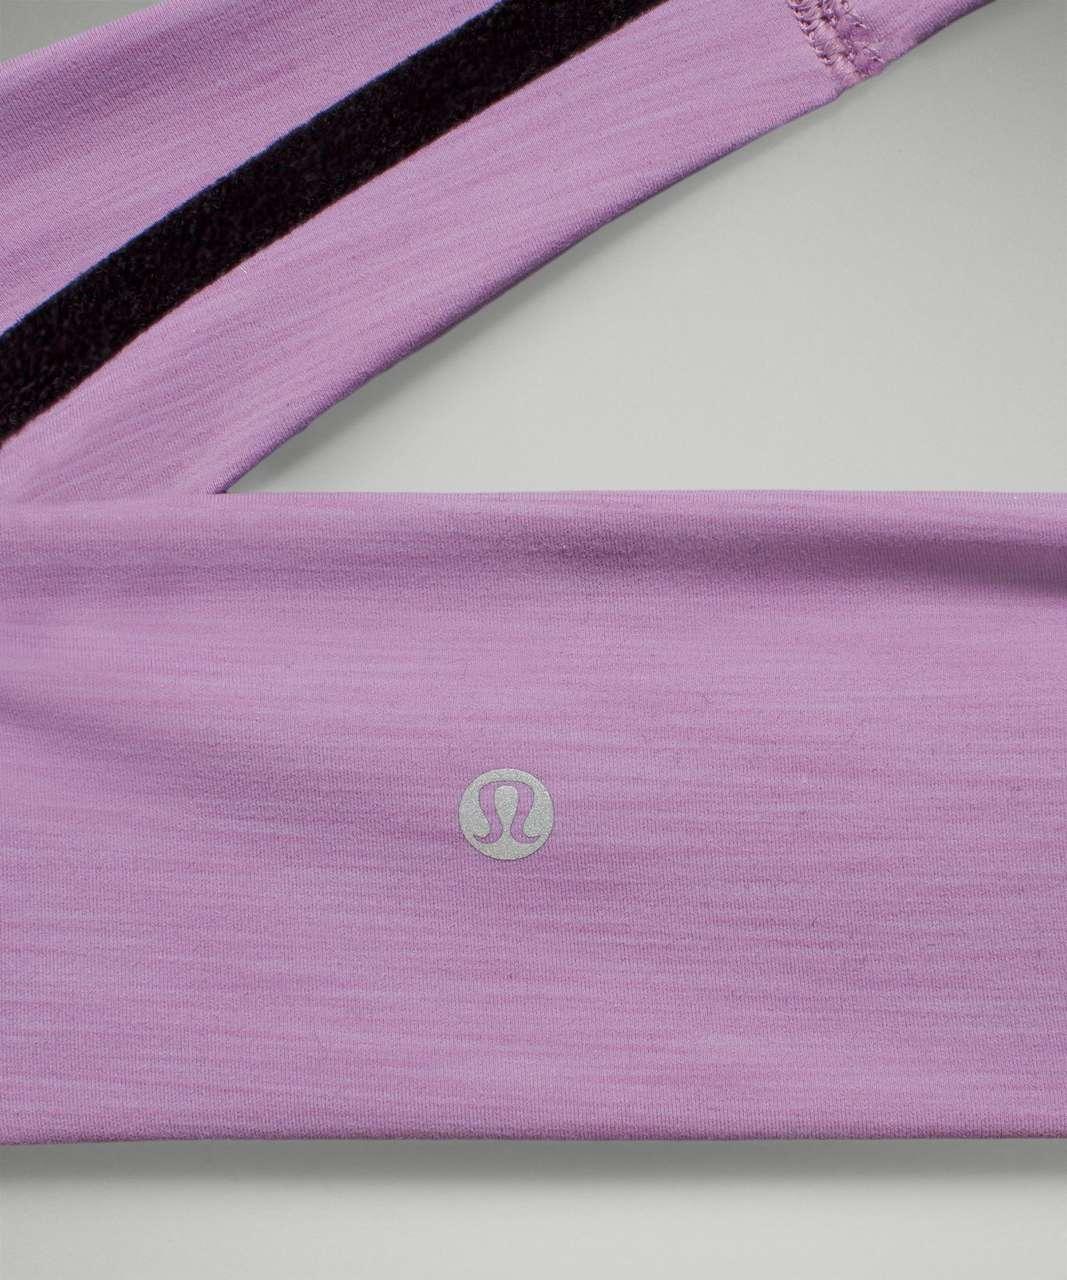 Lululemon Wunder Train Headband - Heathered Wisteria Purple